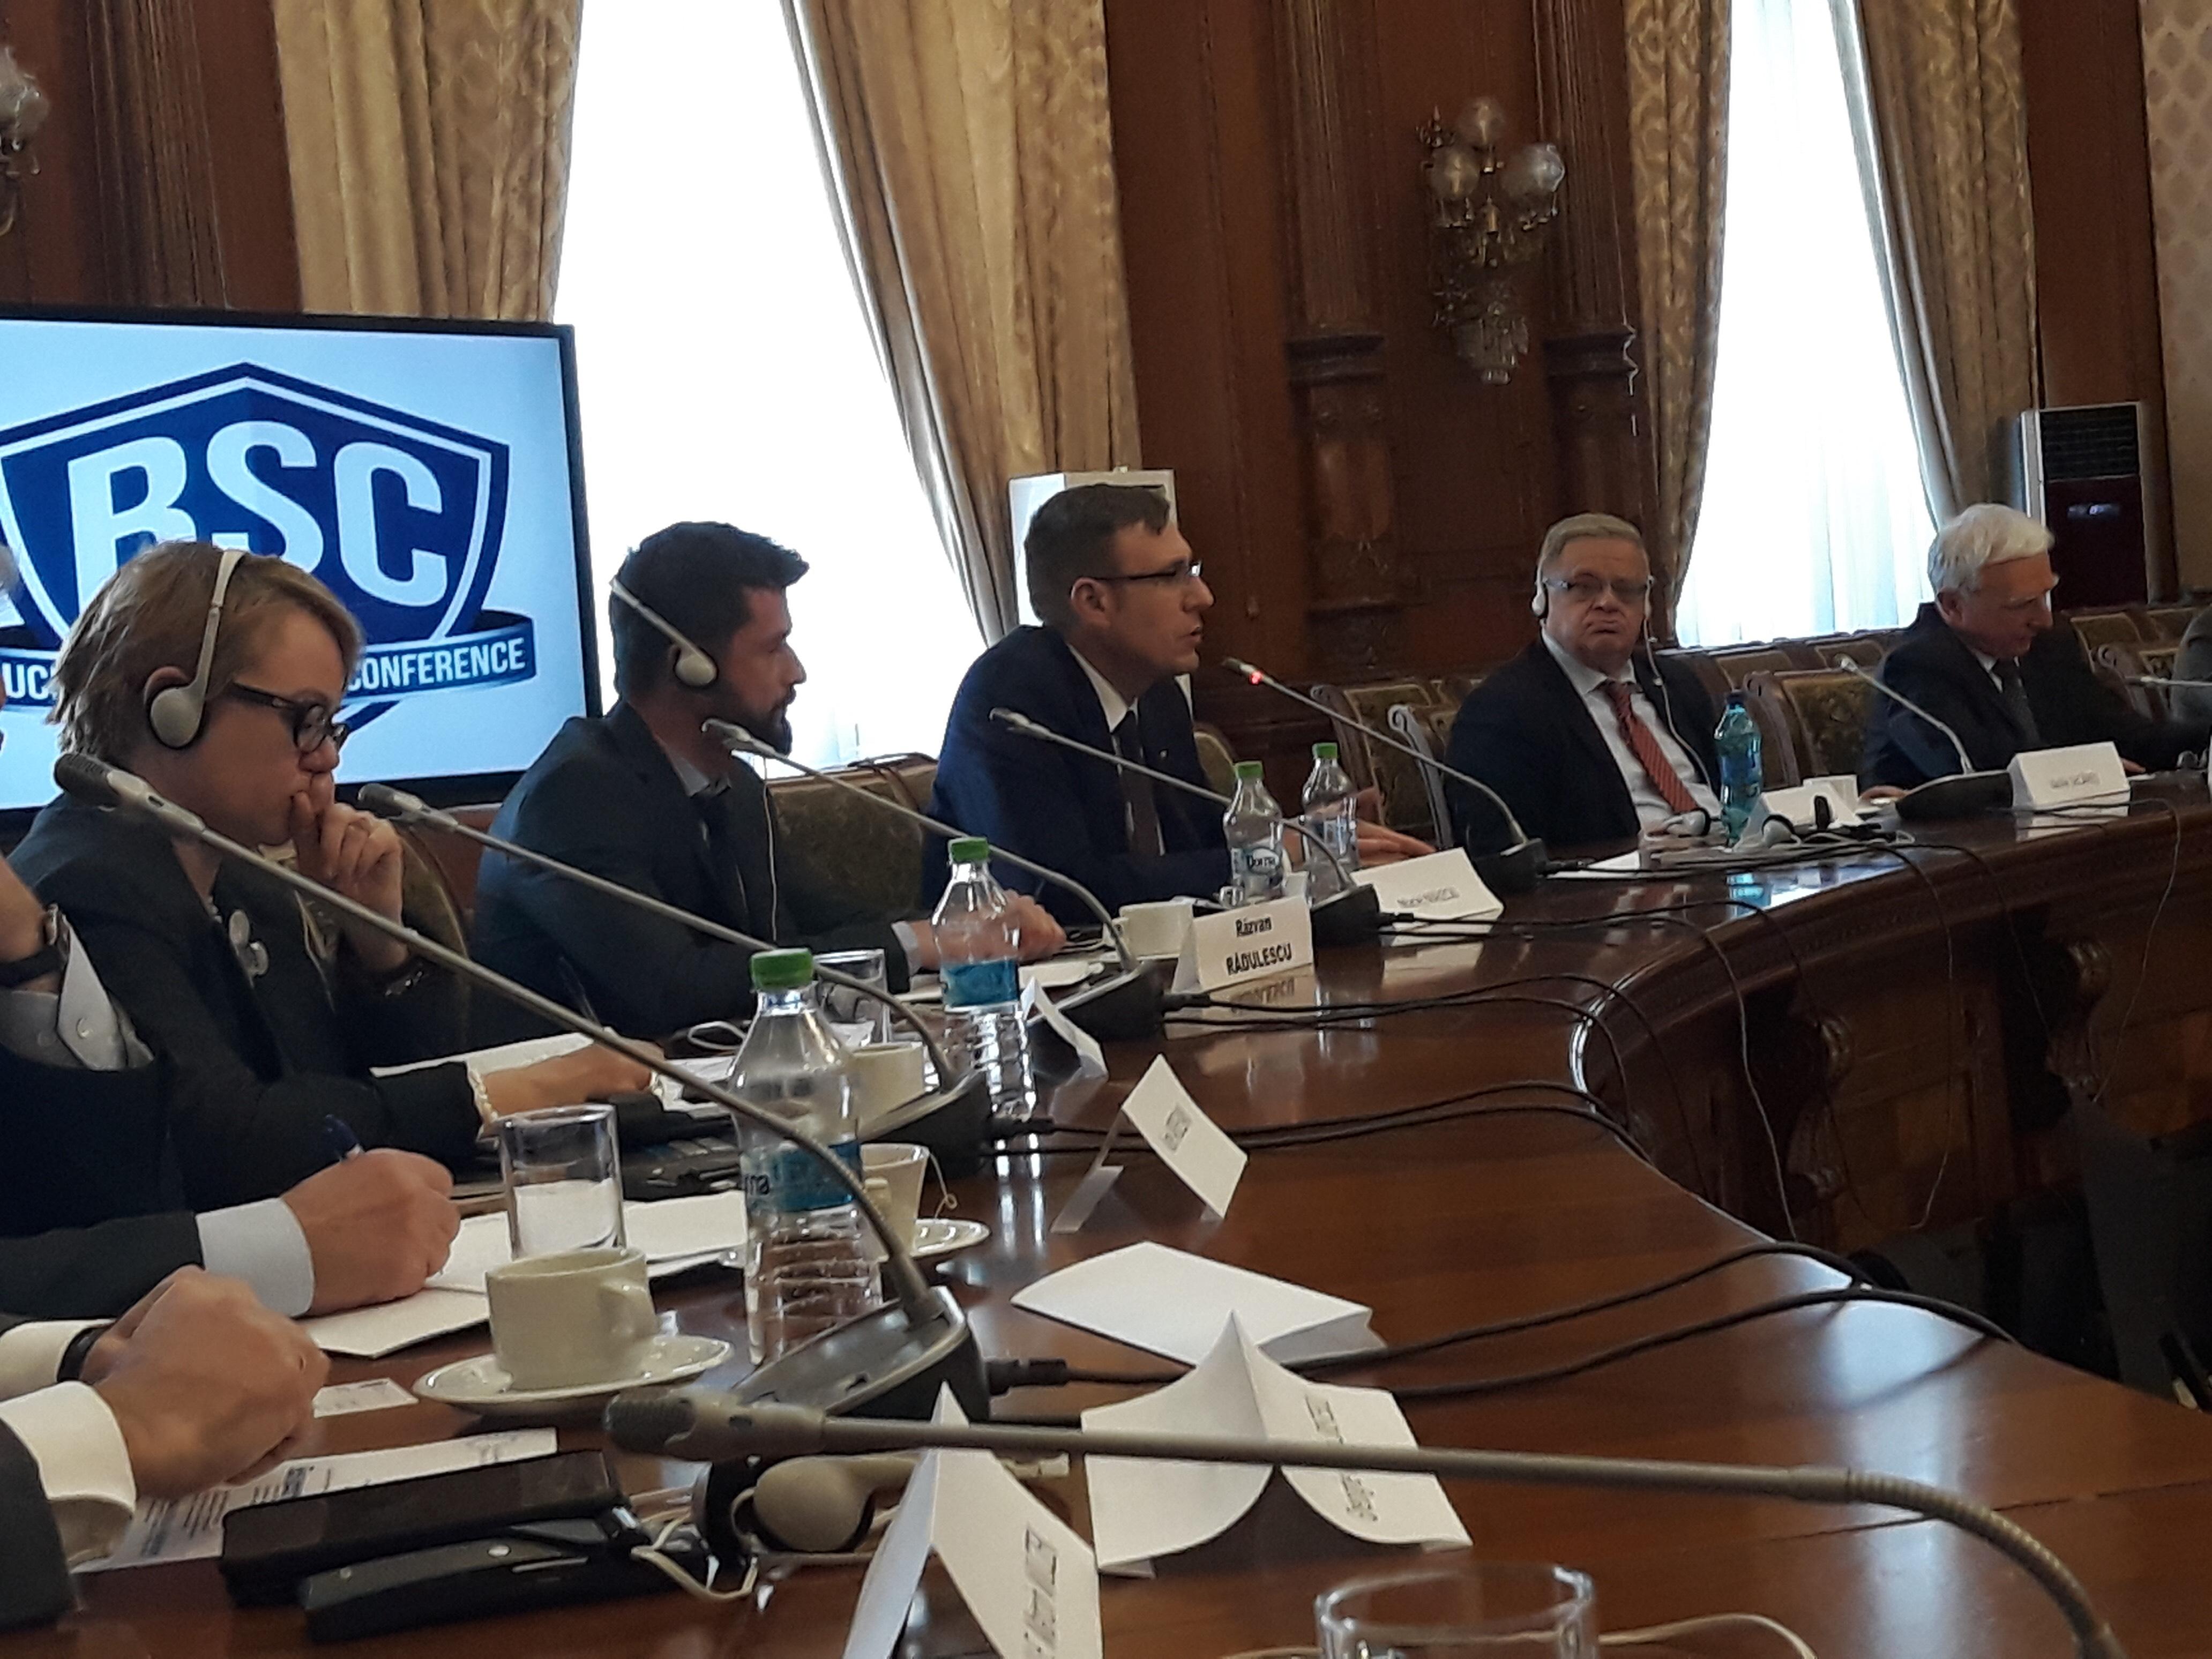 Maciej Małecki – Przewodniczący Komisji Energii i Skarbu Państwa przemawia na Konferencji Warsaw Institute w Bukareszcie